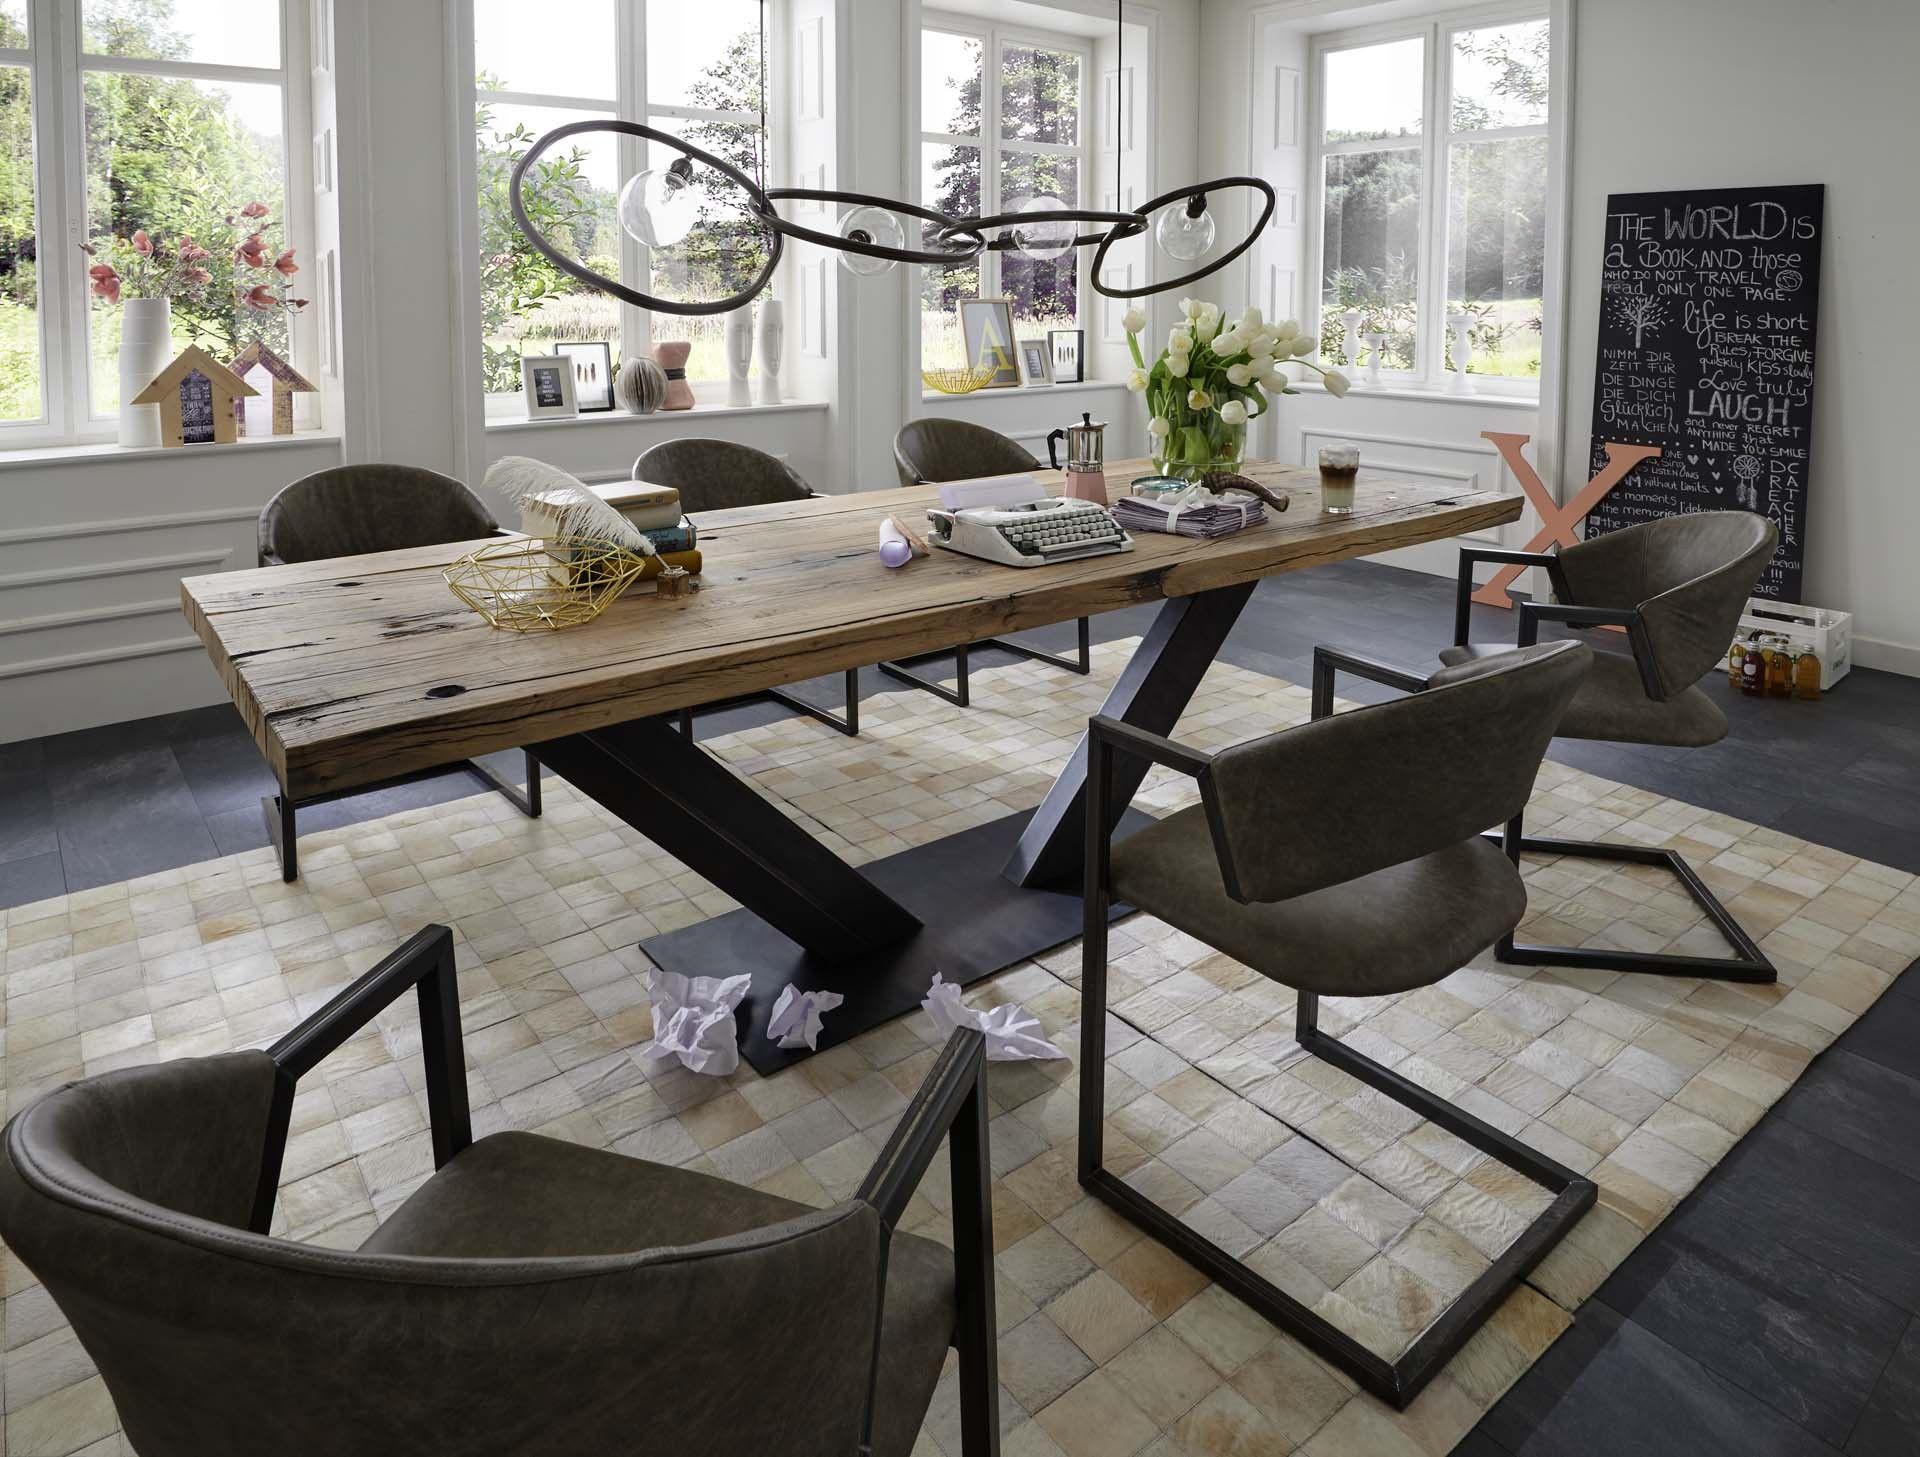 Esstisch eiche rustikal  Erleben Sie einen Esstisch den es kein zweites mal gibt! | Ideen ...